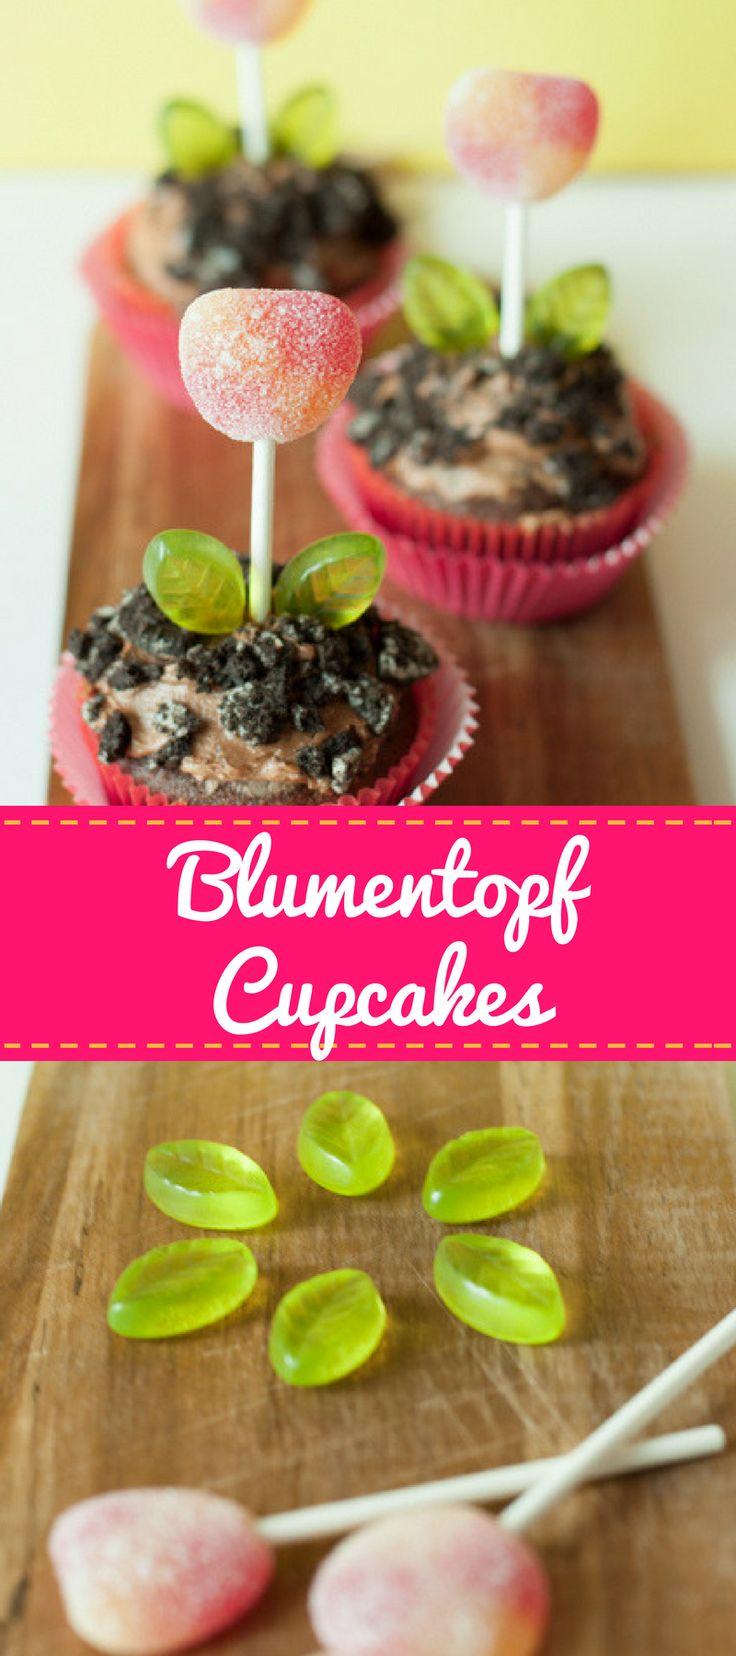 Niedliche Blumentopf Cupcakes für den Frühling. Passen auch zum Muttertag, sowie zum Kindergeburtstag.